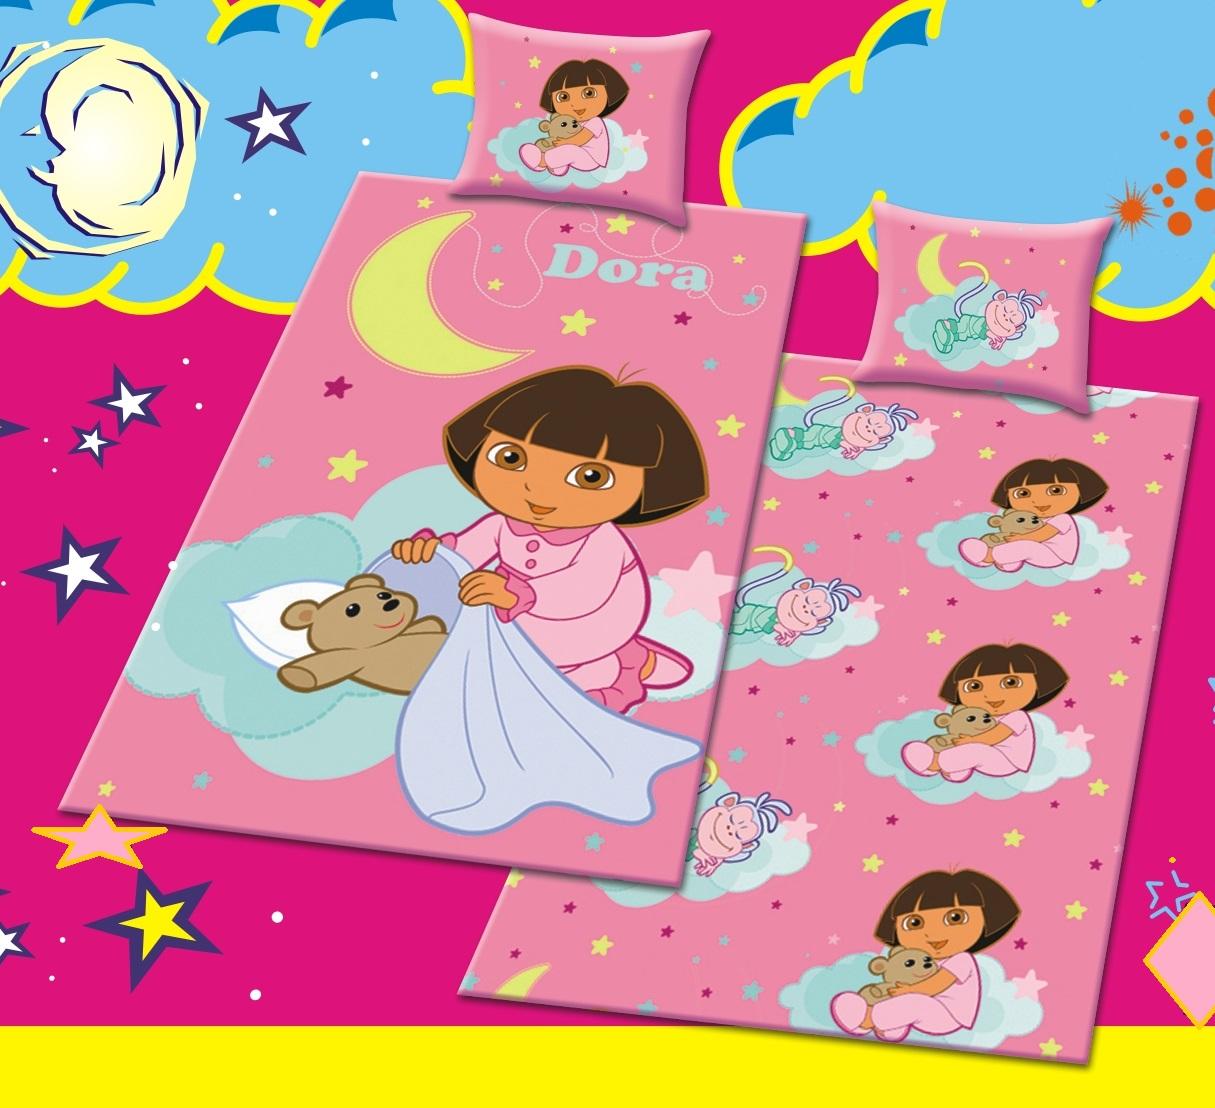 Κουβέρτα Πικέ Παιδική Με Μαξιλαροθήκη Dora - OEM - 9.Κ16_πικέ λευκα ειδη παιδί κουβέρτες παιδικές